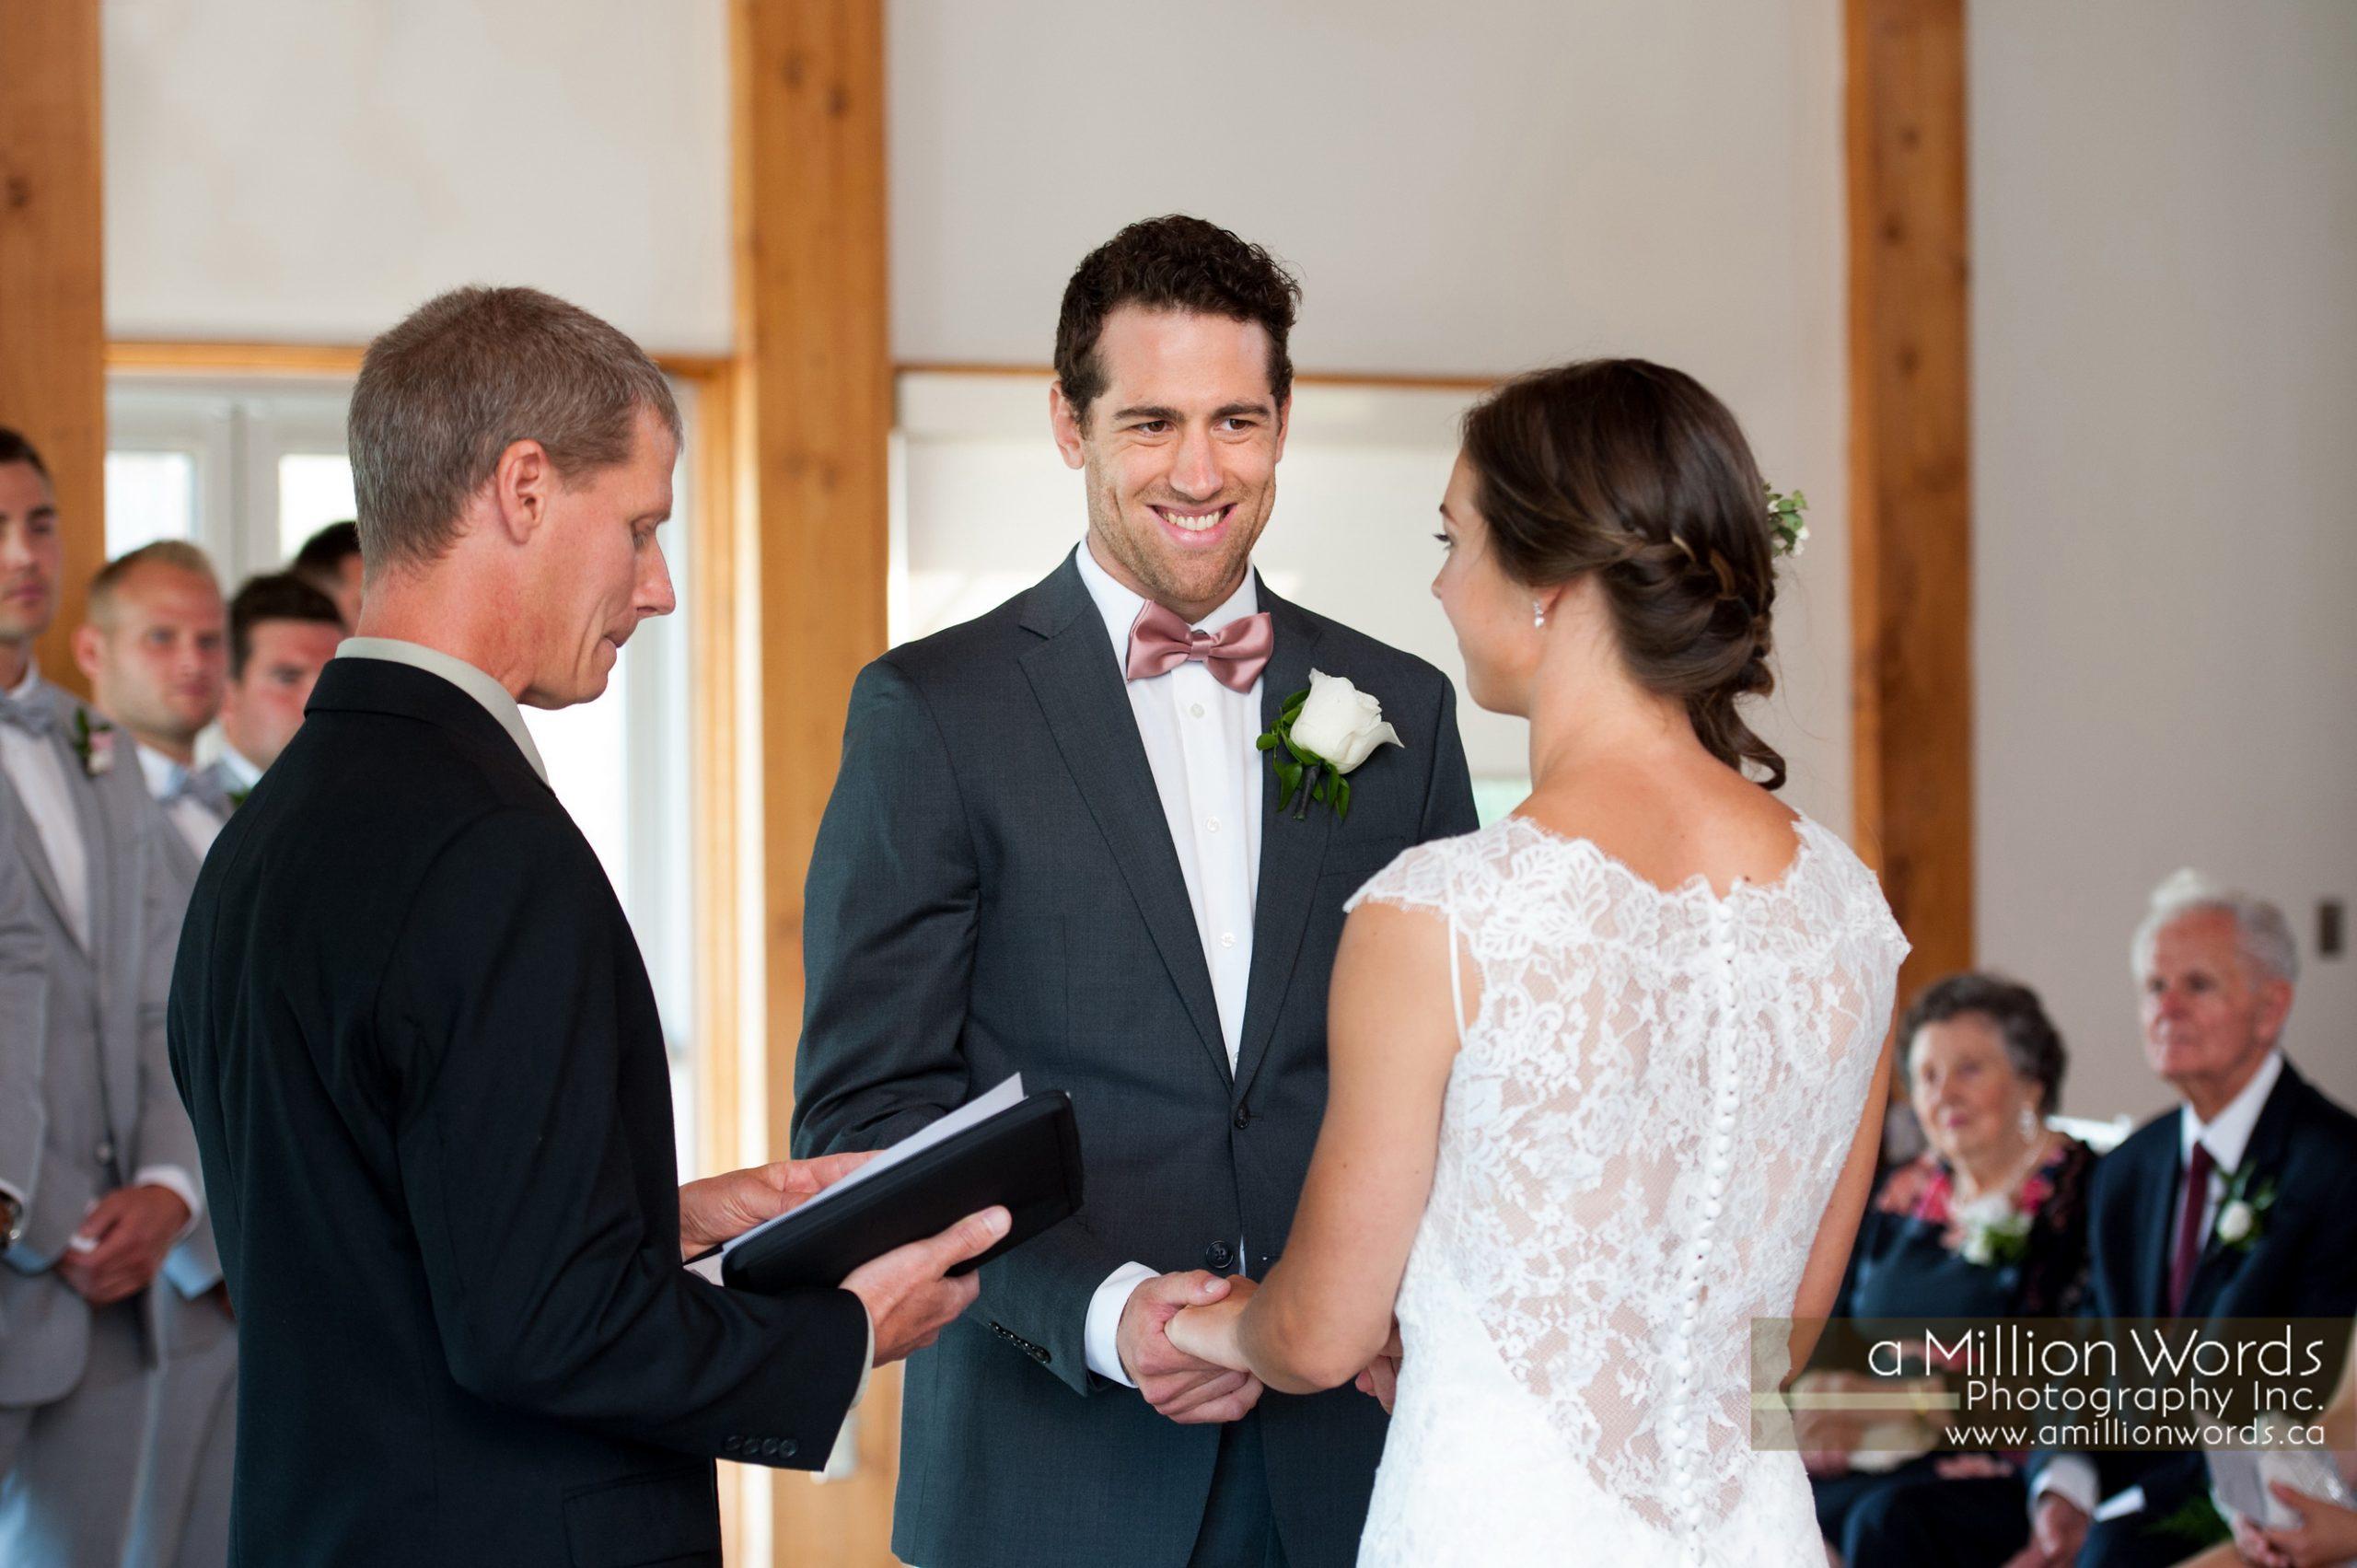 kw_wedding_photography30